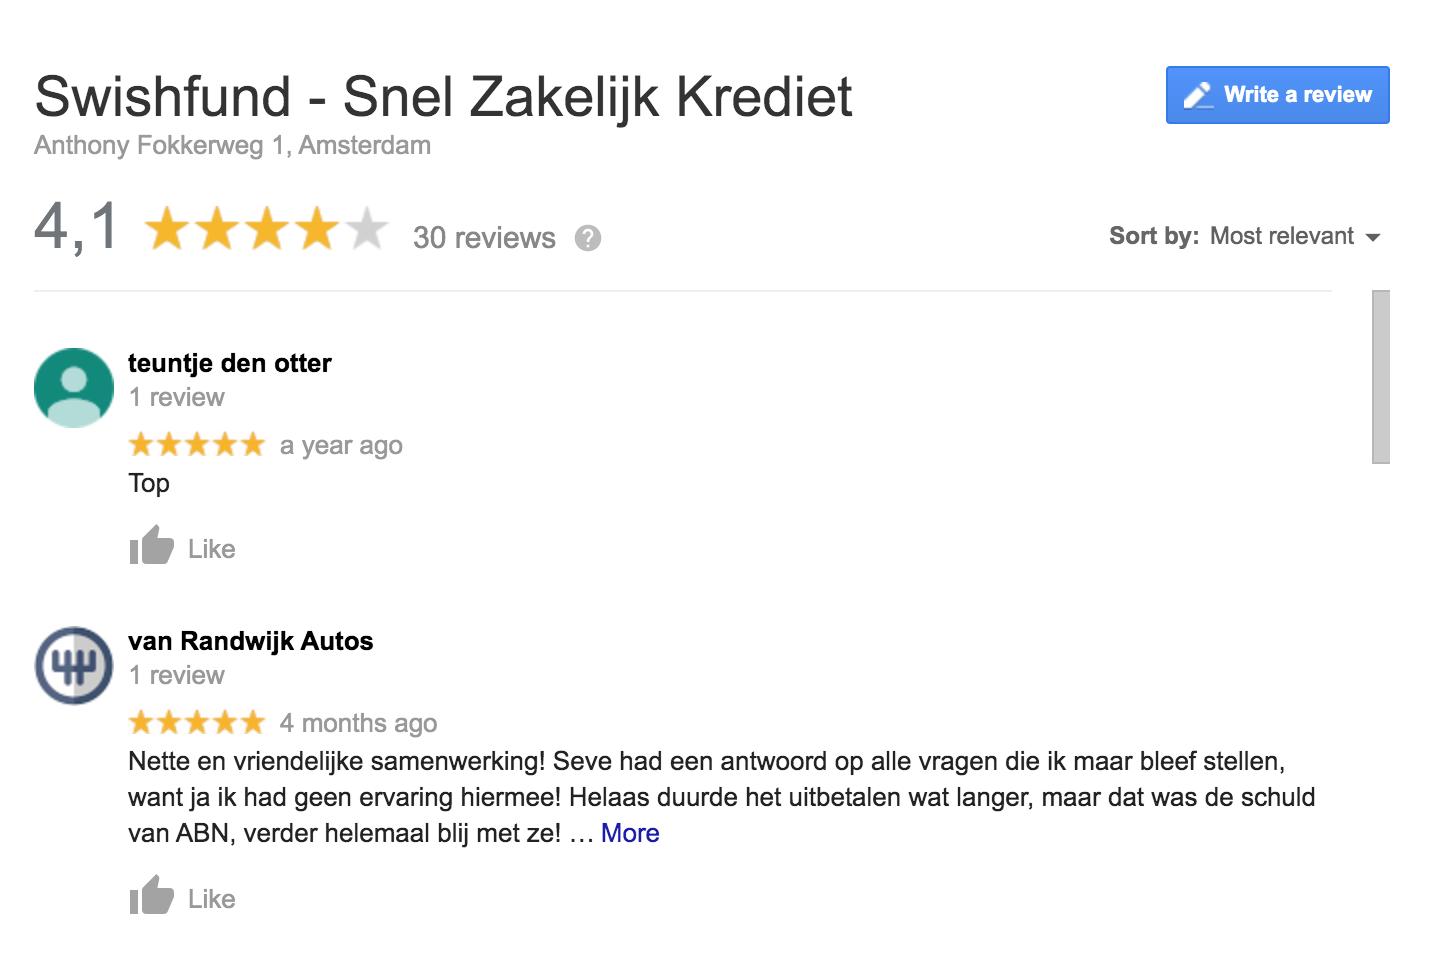 Bart Jan van Genderen_swishfund